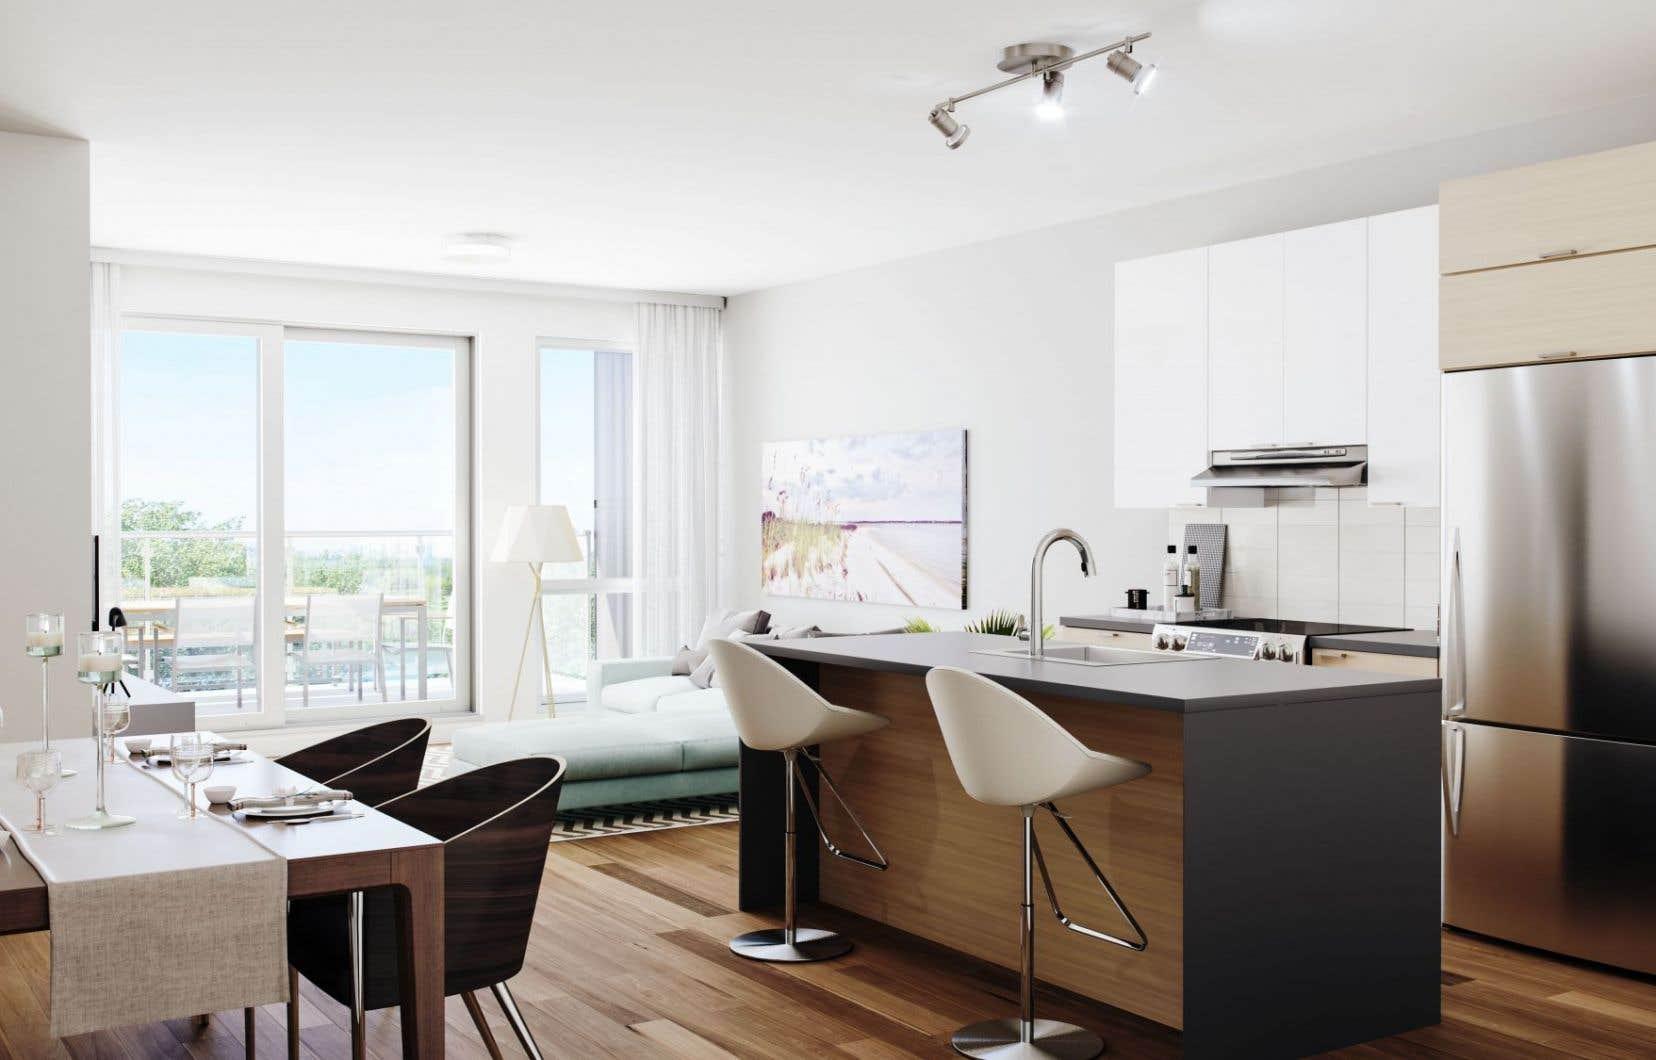 raftman pour vivre en toute qui tude le devoir. Black Bedroom Furniture Sets. Home Design Ideas